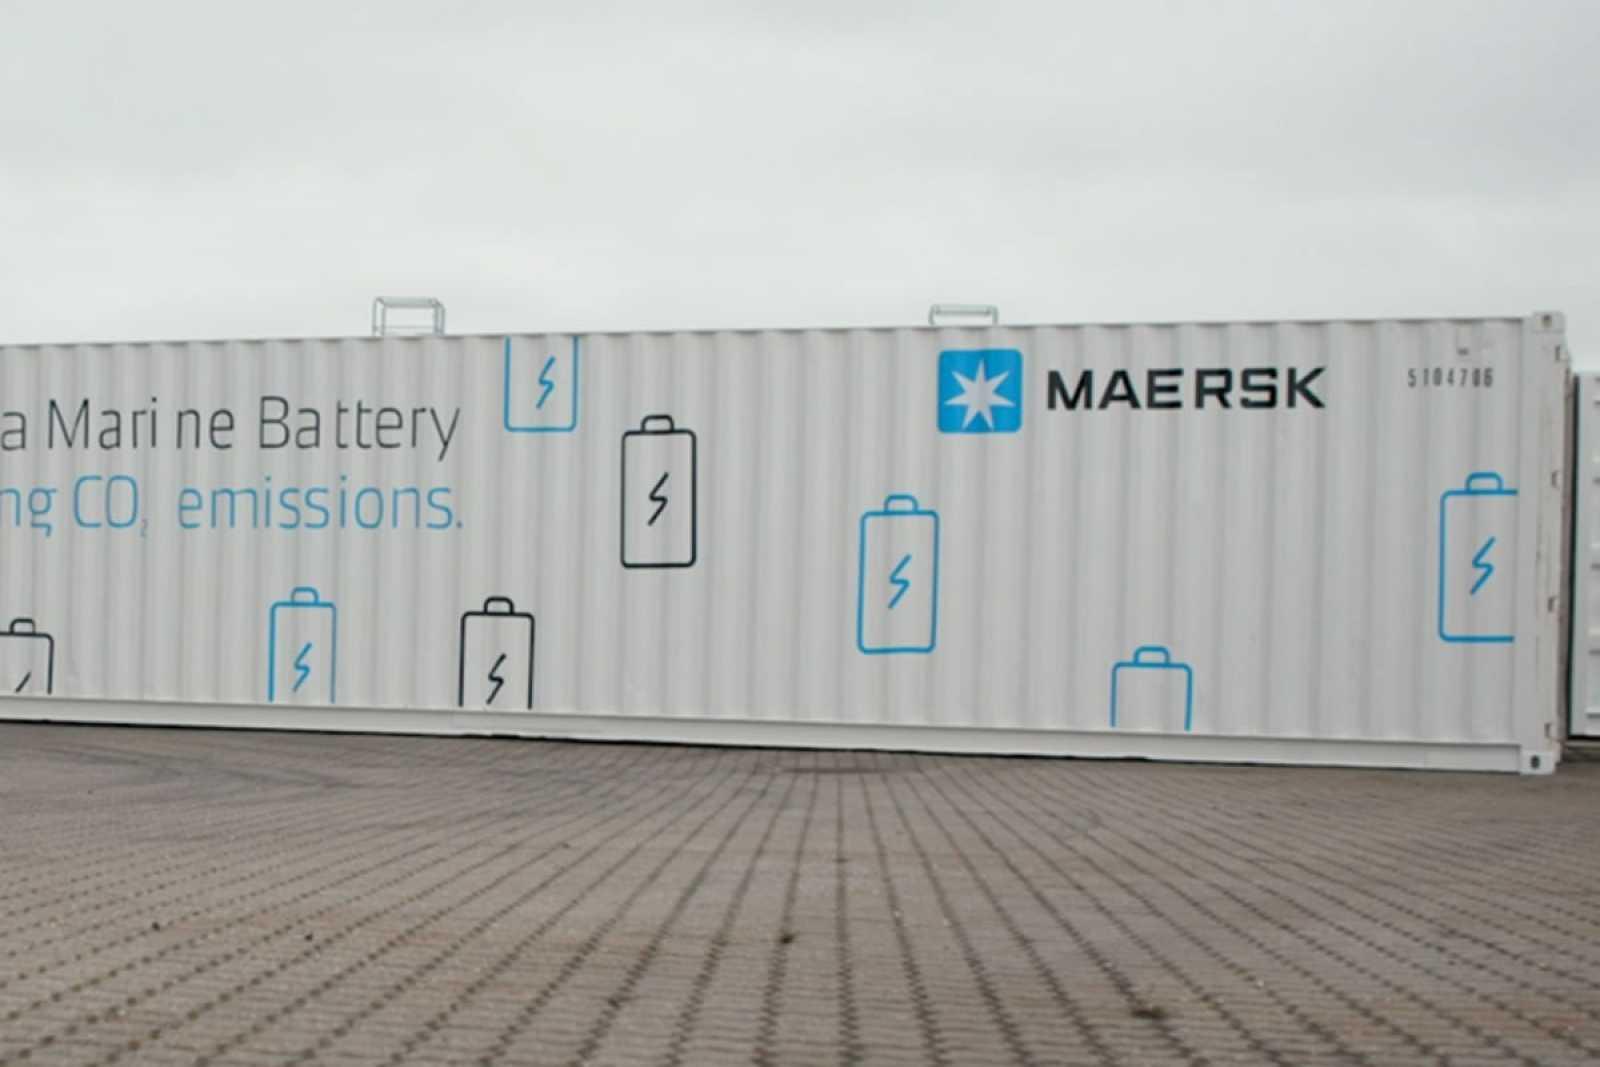 Maersk battery